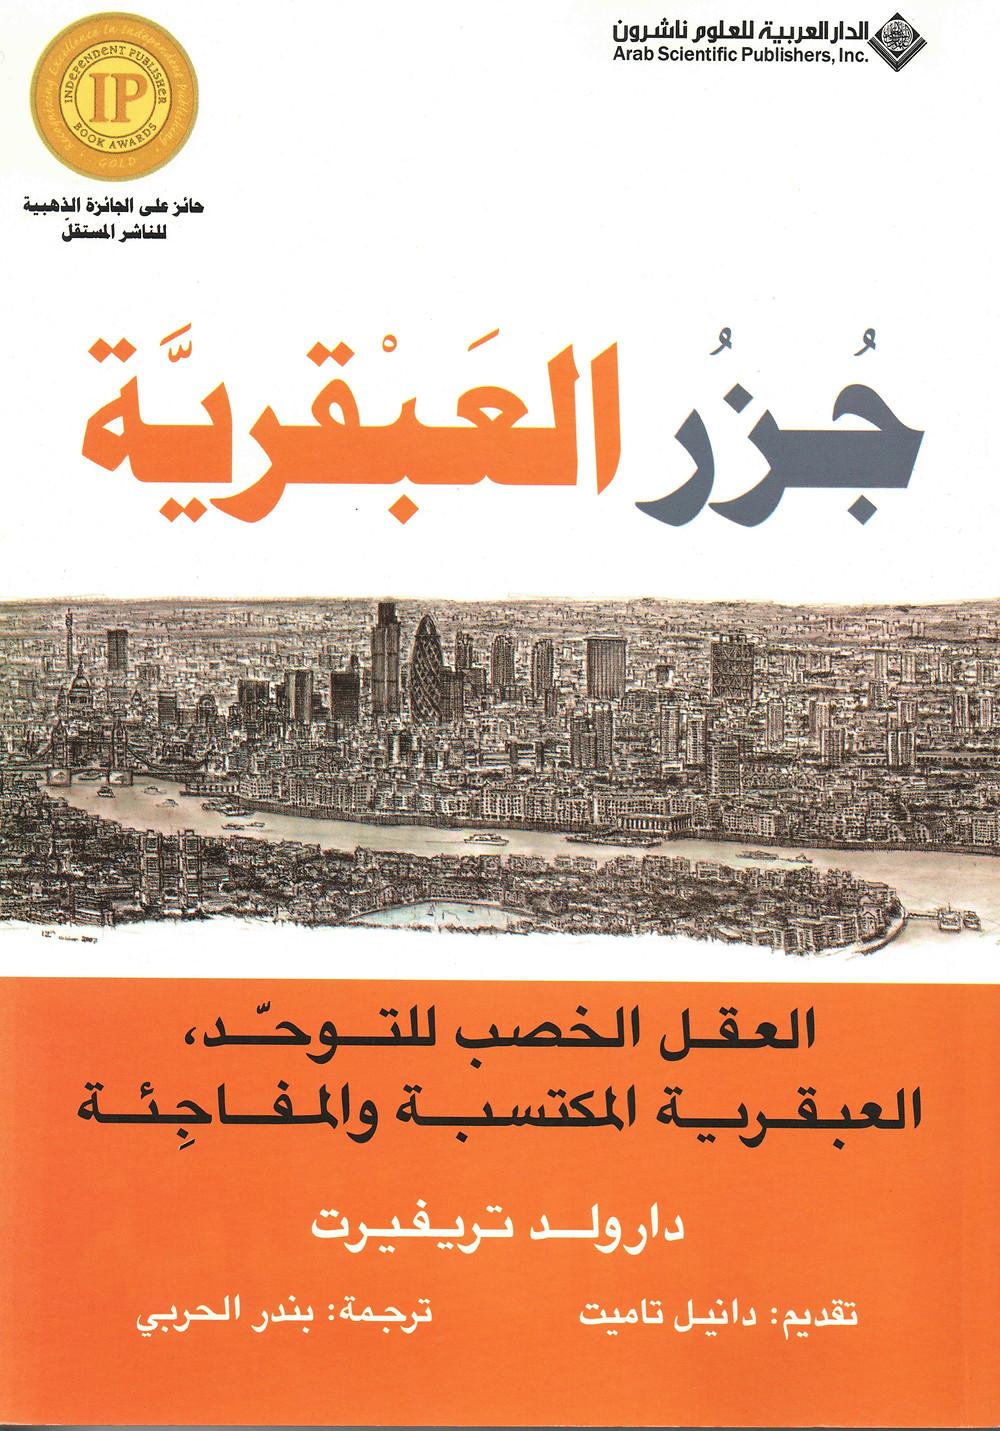 غلاف كتاب جزر العبقرية.jpg